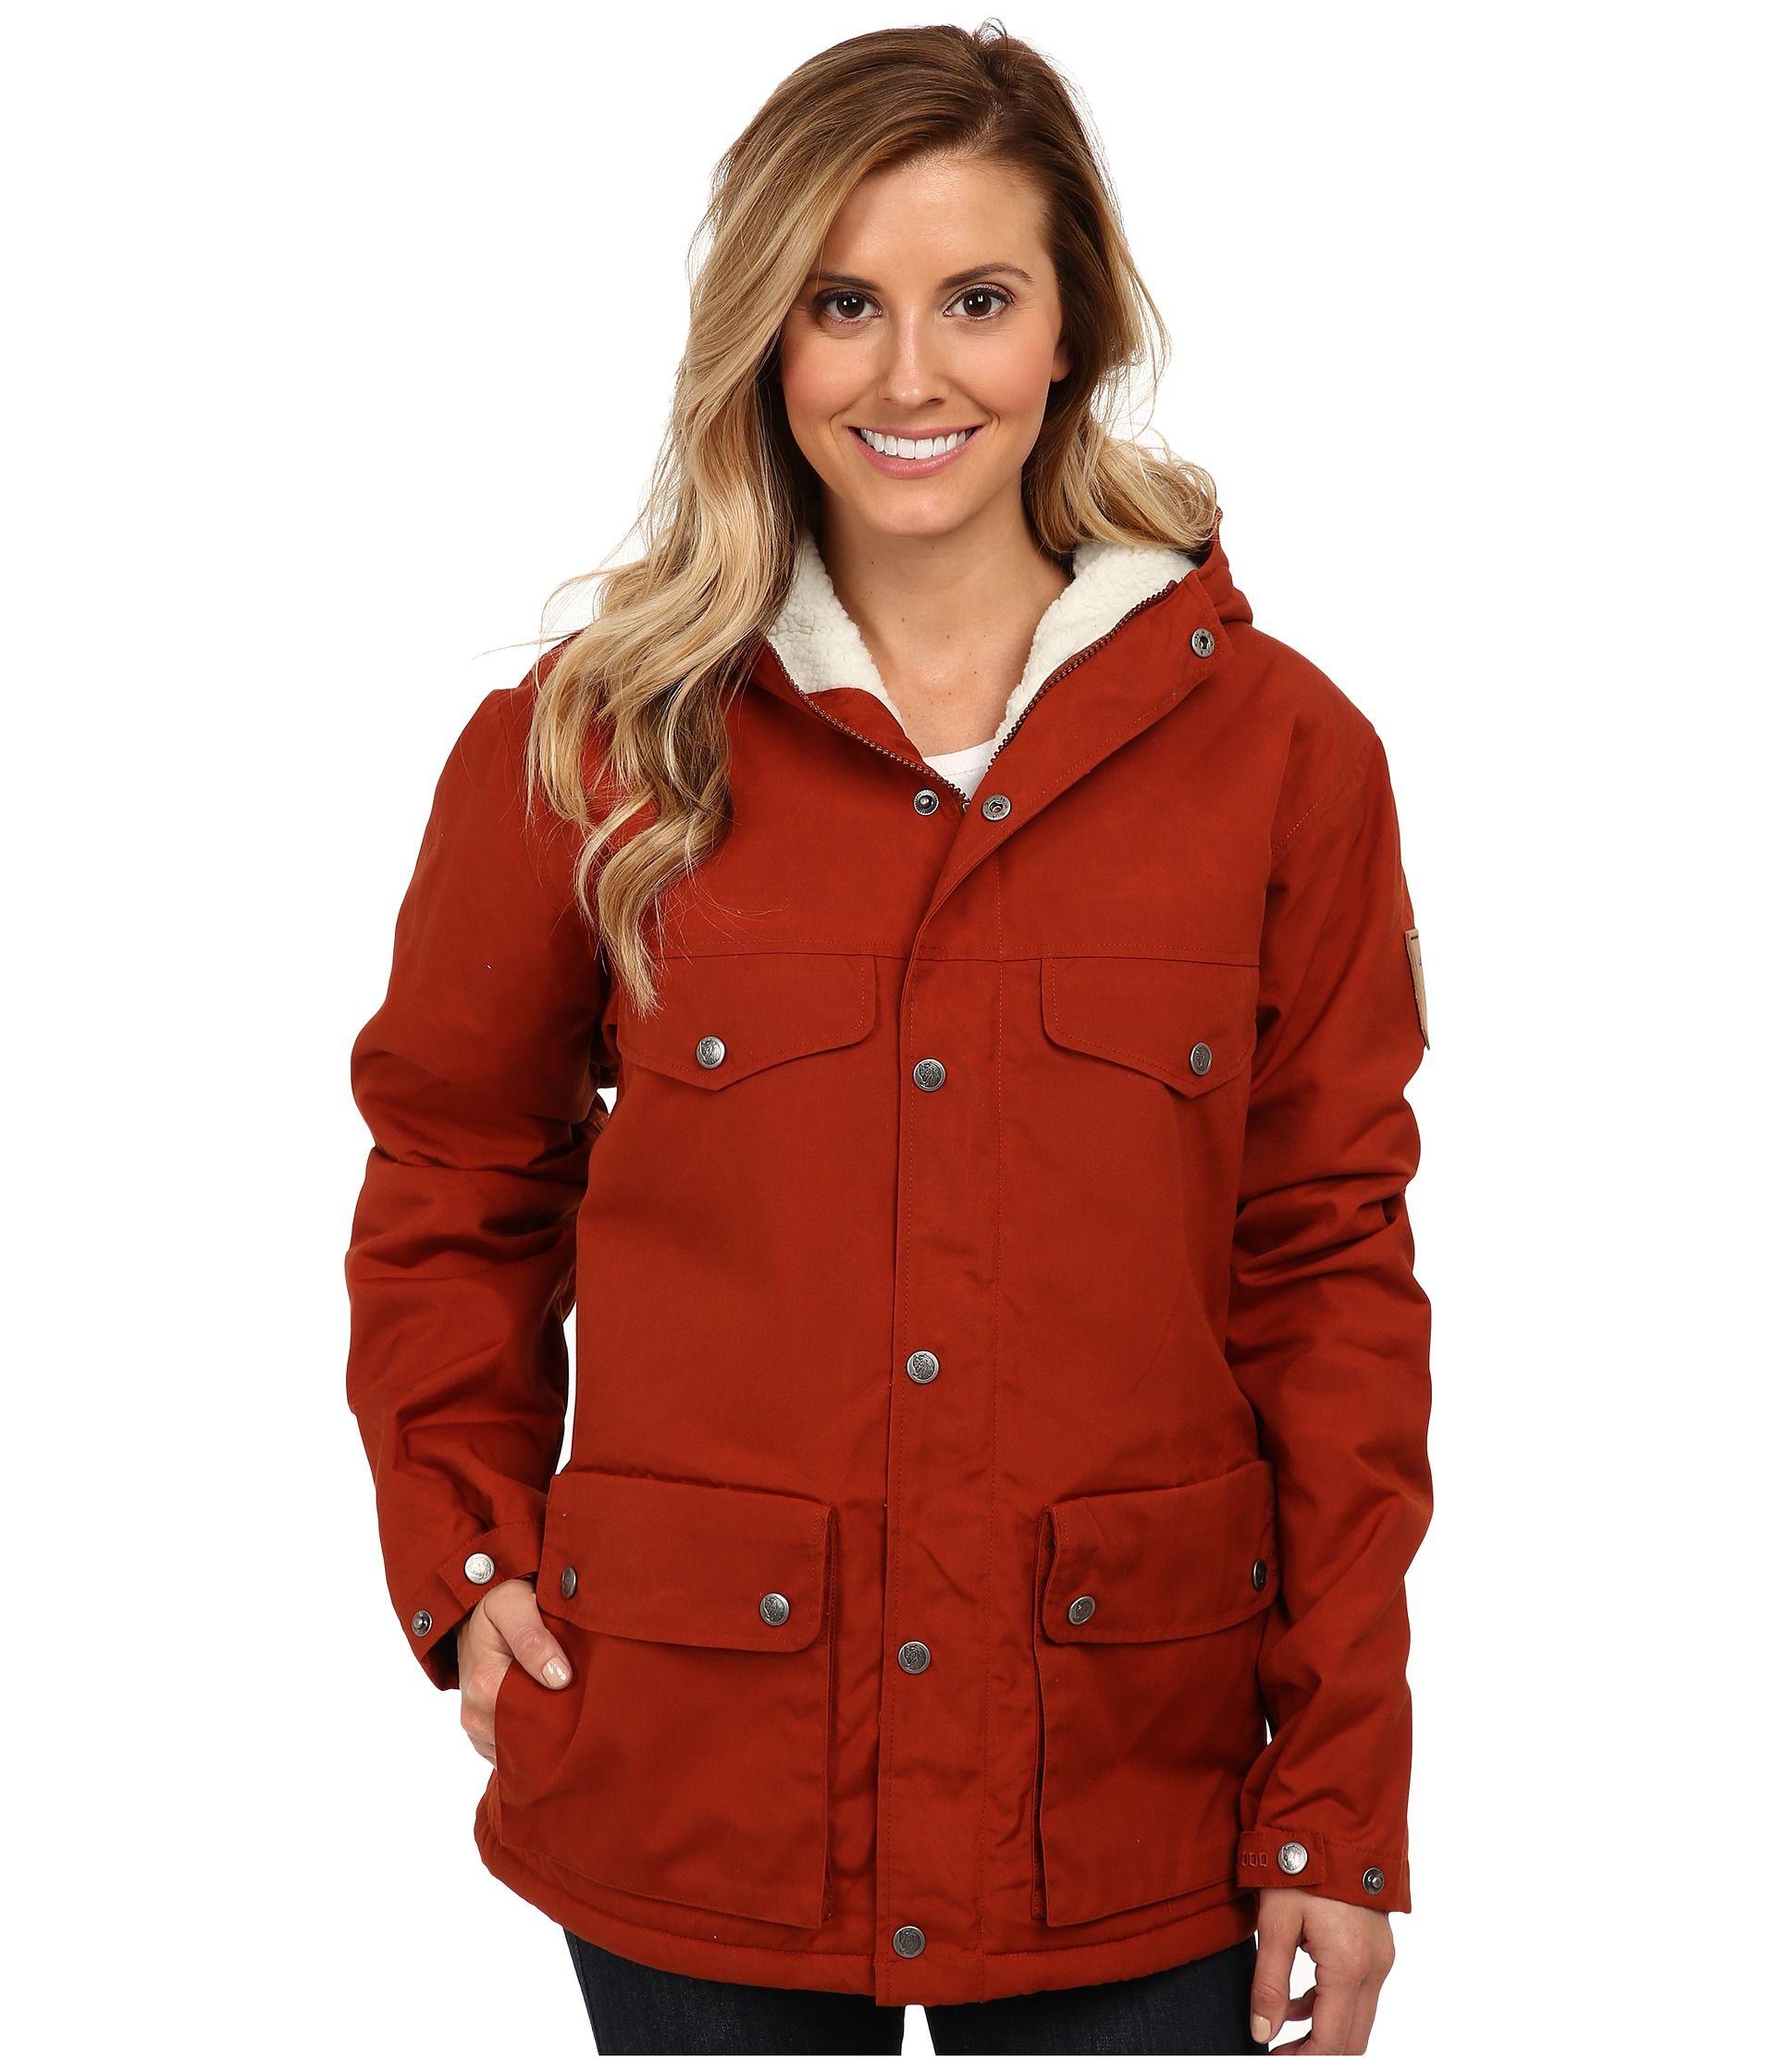 eb7d6bffd33 Fjällräven Greenland Winter Jacket